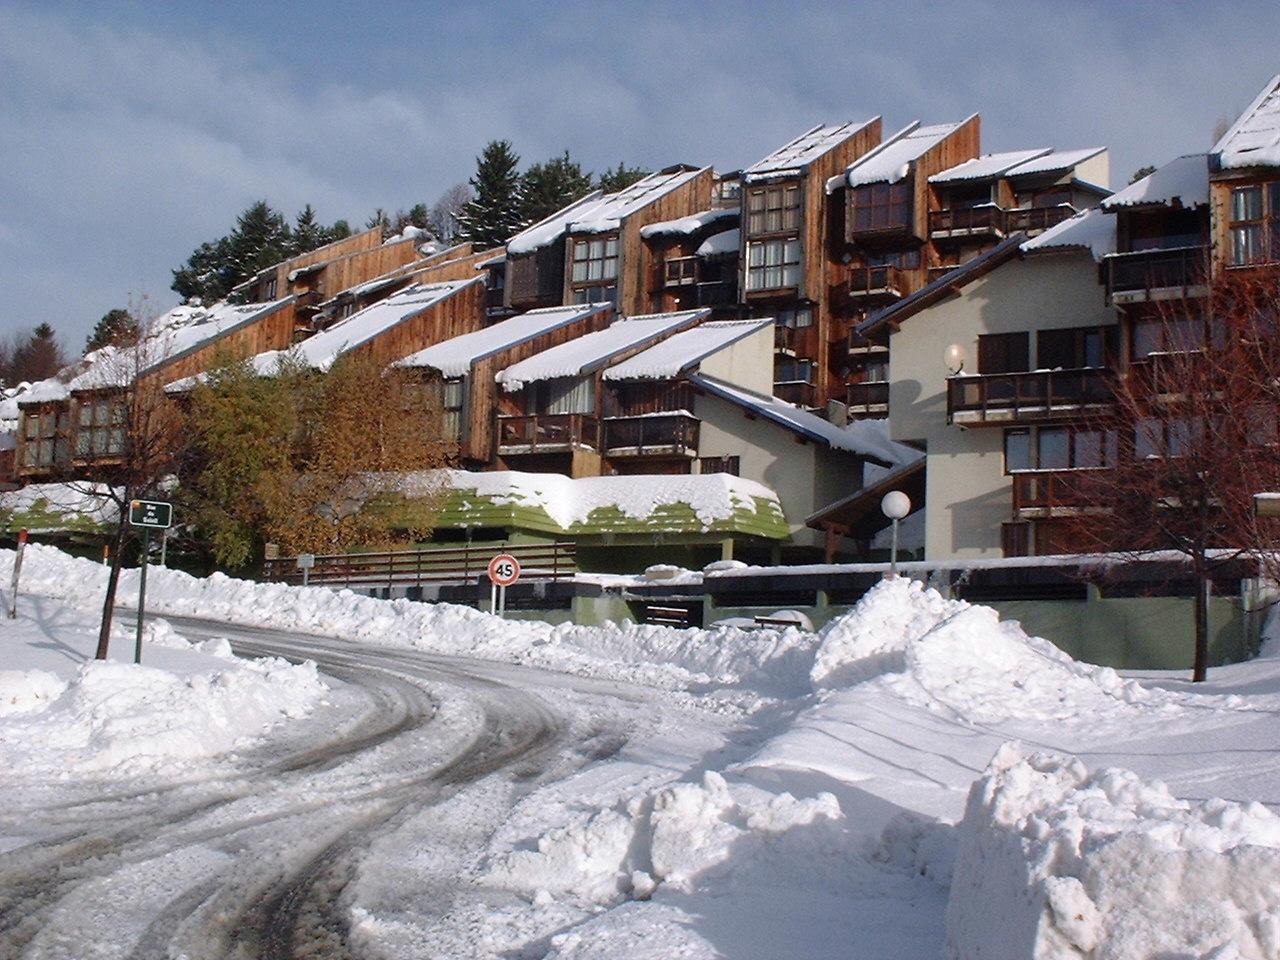 Lex immobilier font romeu vente et location vacances for Piscine font romeu